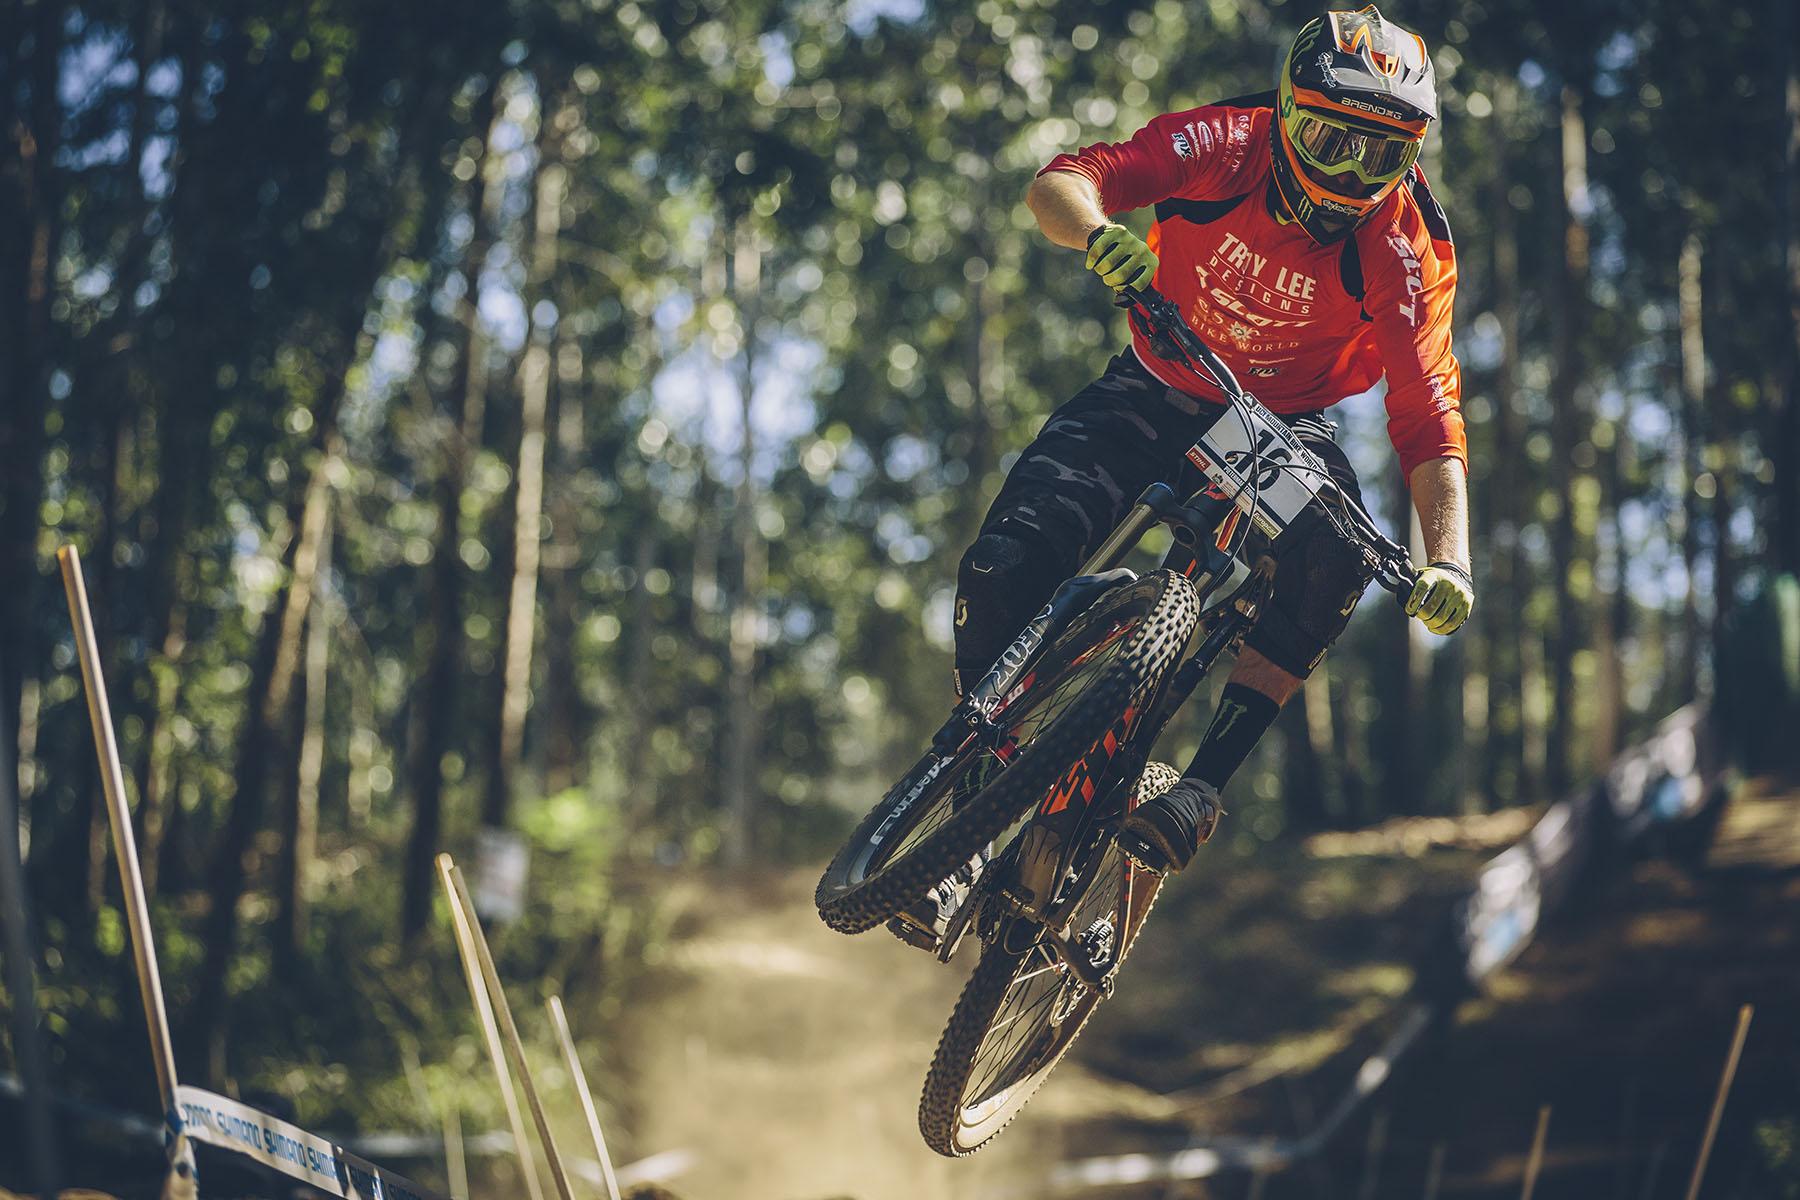 Brendan Fairclough hatte sichtlich Spaß auf seinem Trailbike, allerdings reichte es nur für den 37. Platz!